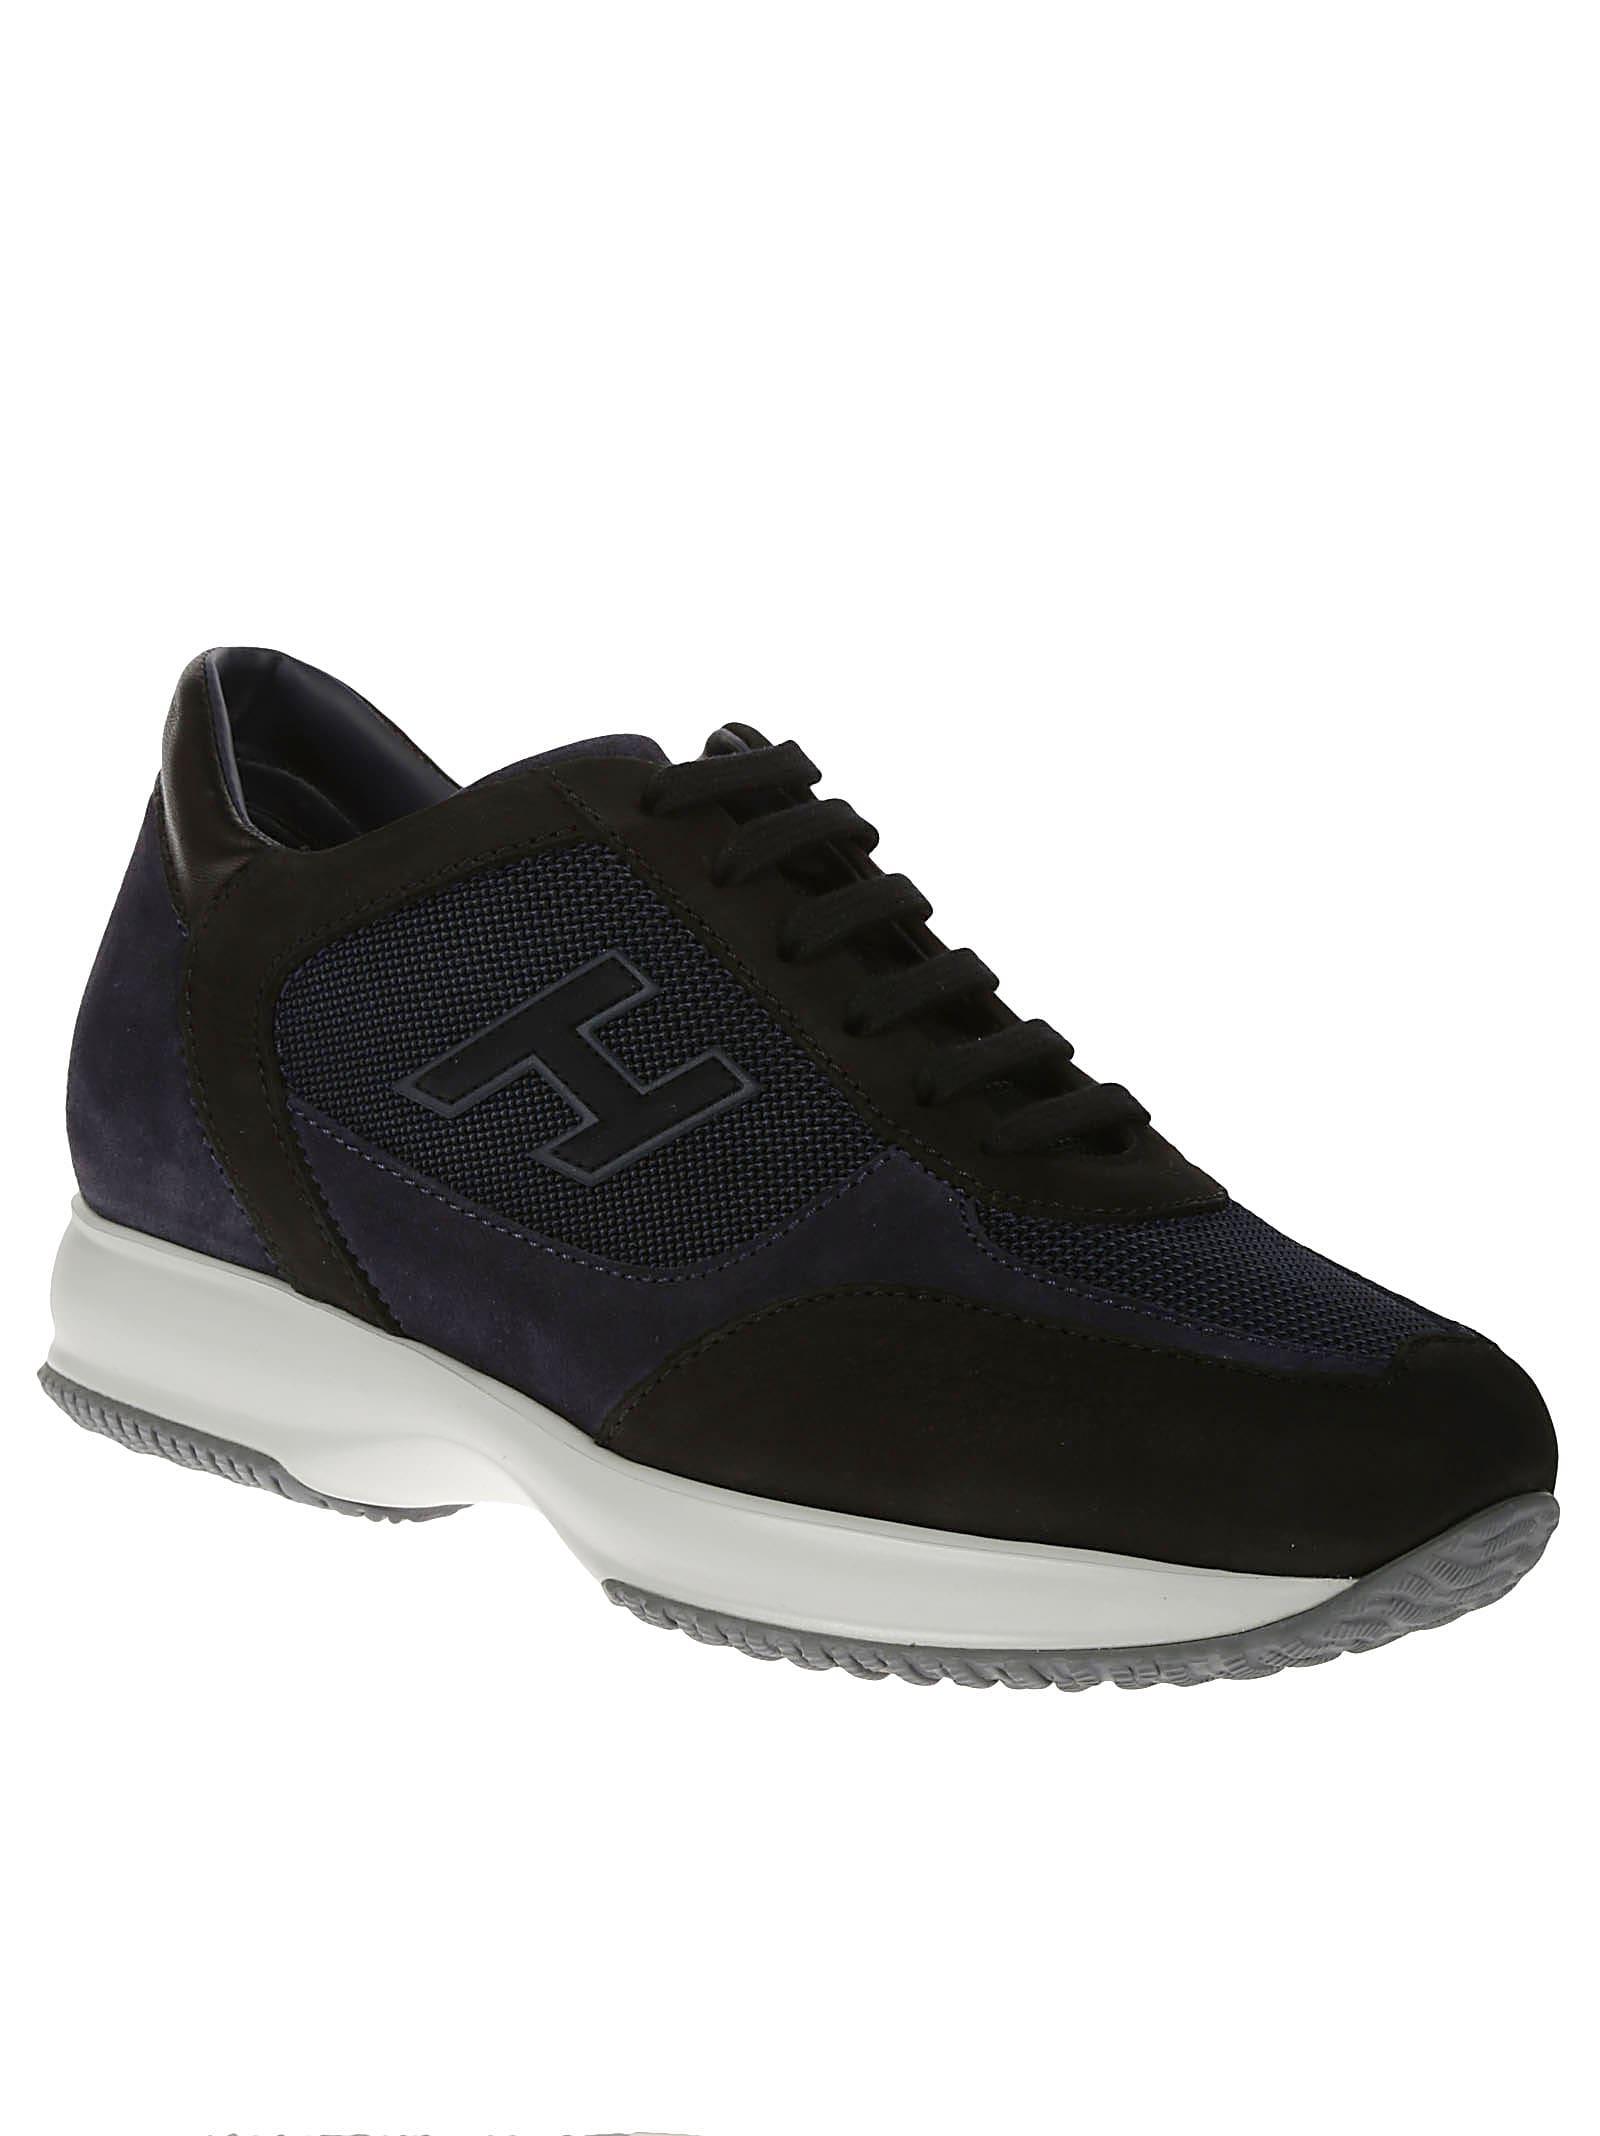 Hogan Interactive H-flock Sneakers   Iicf, ALWAYS LIKE A SALE